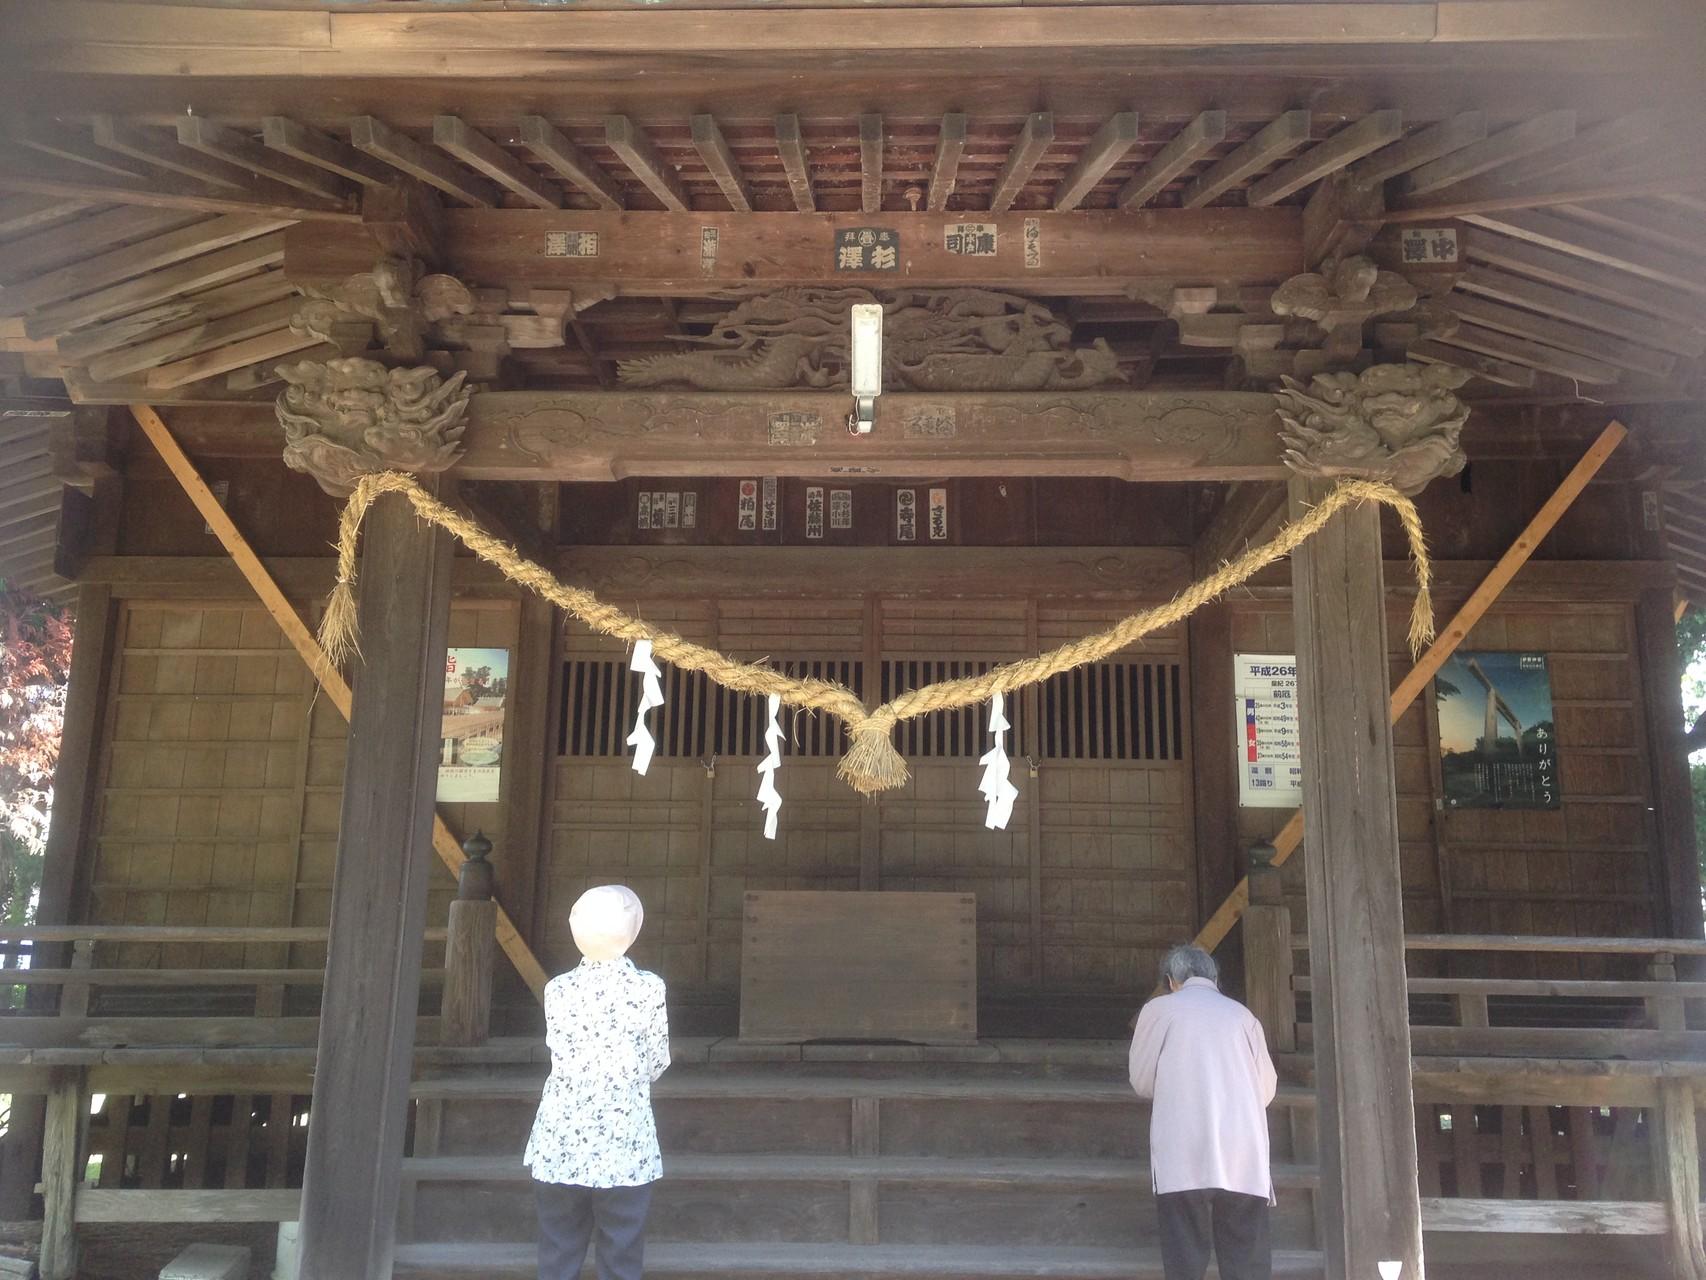 お散歩の途中で河合神社にてこれからも元気で健康に暮らせるようにお願いしております